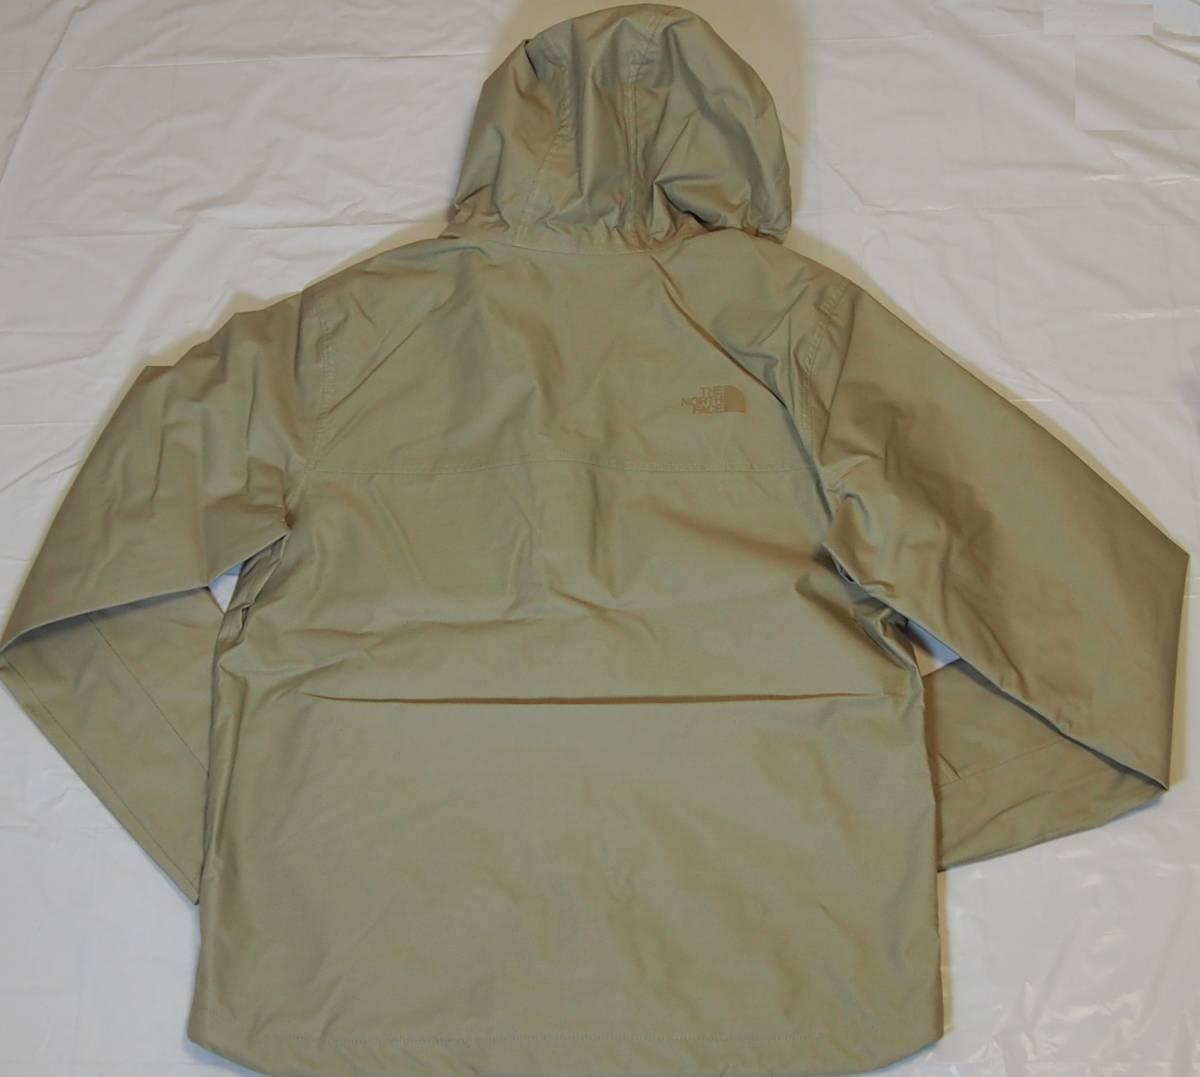 【USA購入、未使用タグ付】ノースフェイス ミラートン ジャケット Lサイズ ベージュ The North Face Millerton Jacket_画像3